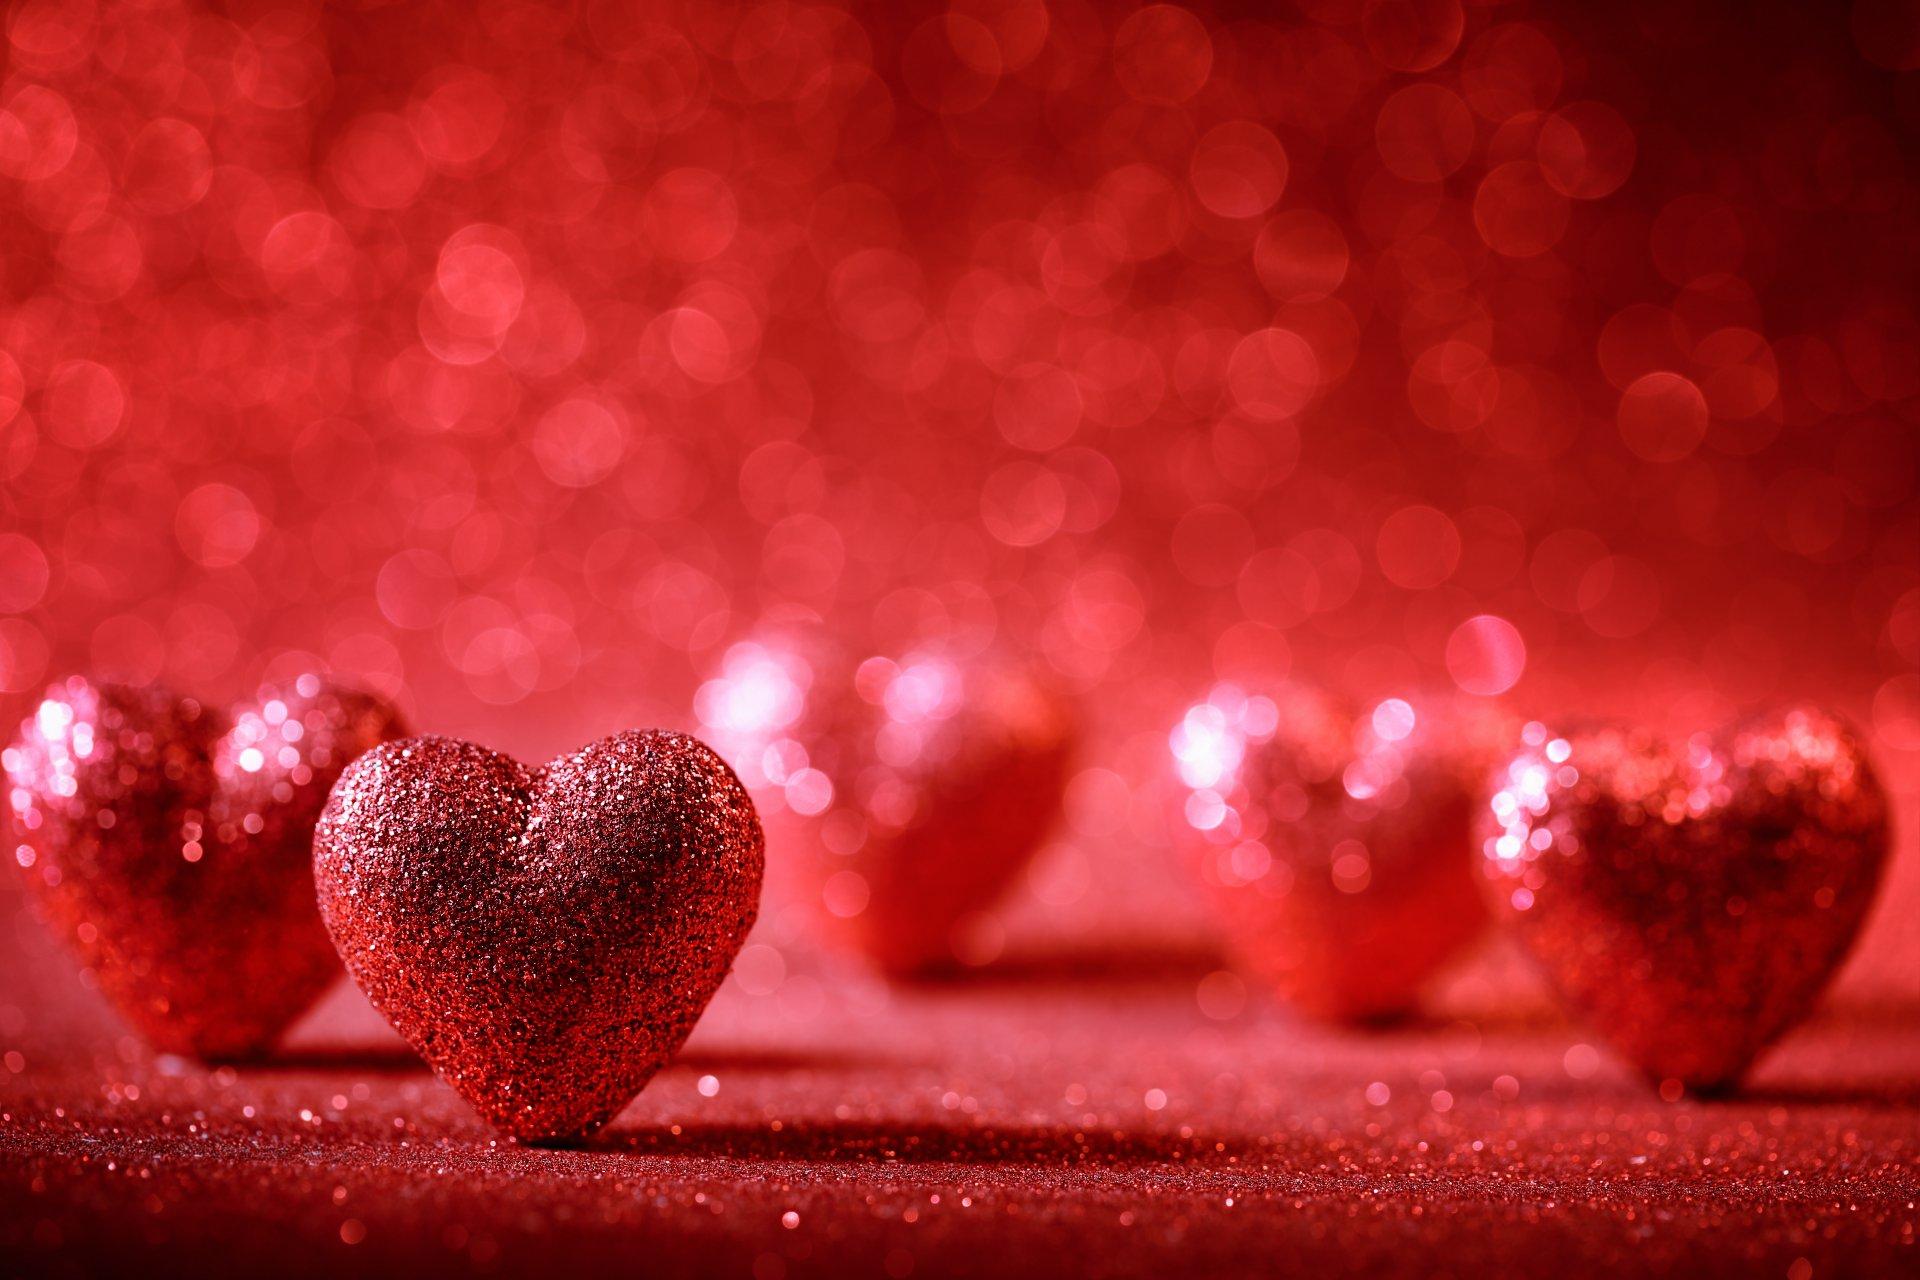 характер качественные картинки сердечки воздушный медовый